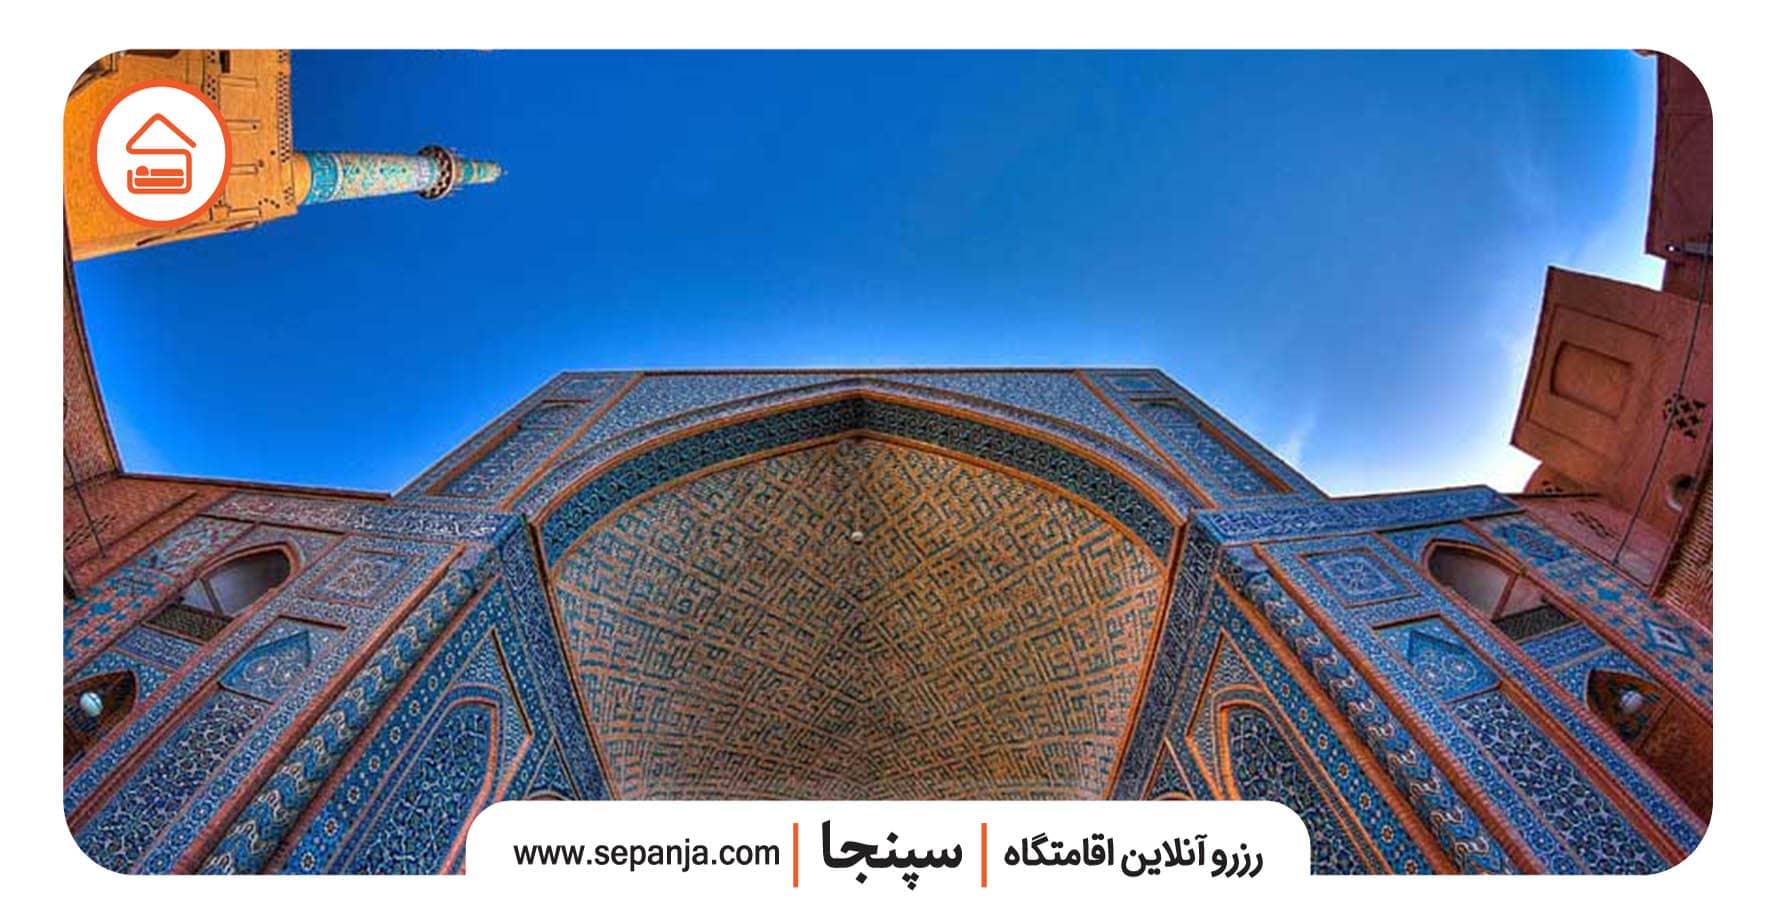 نمایی از مناره های مسجد جامع یزد